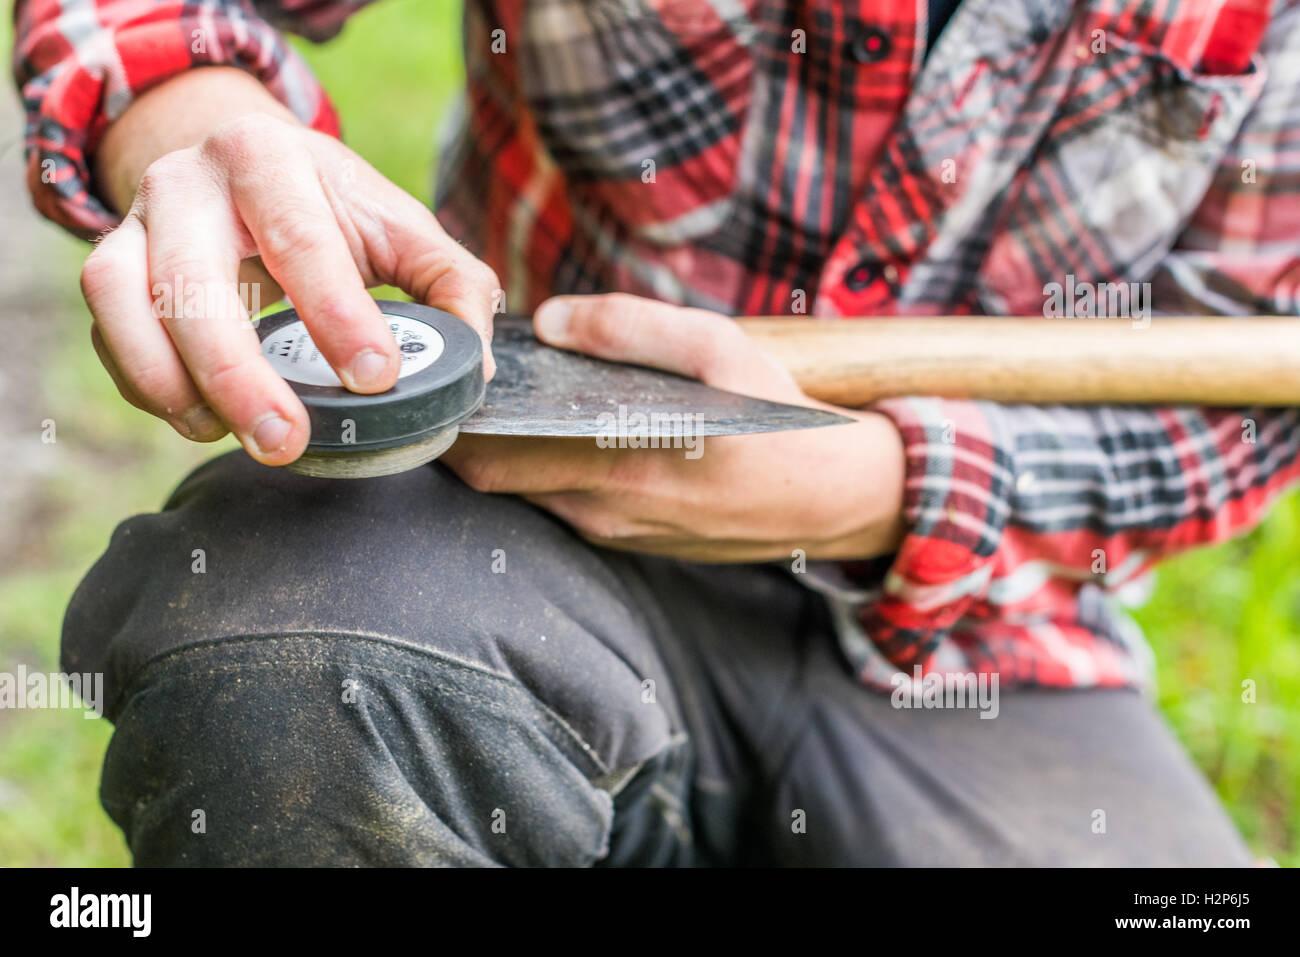 holzfäller schärfen einer axt stockfoto, bild: 122190045 - alamy